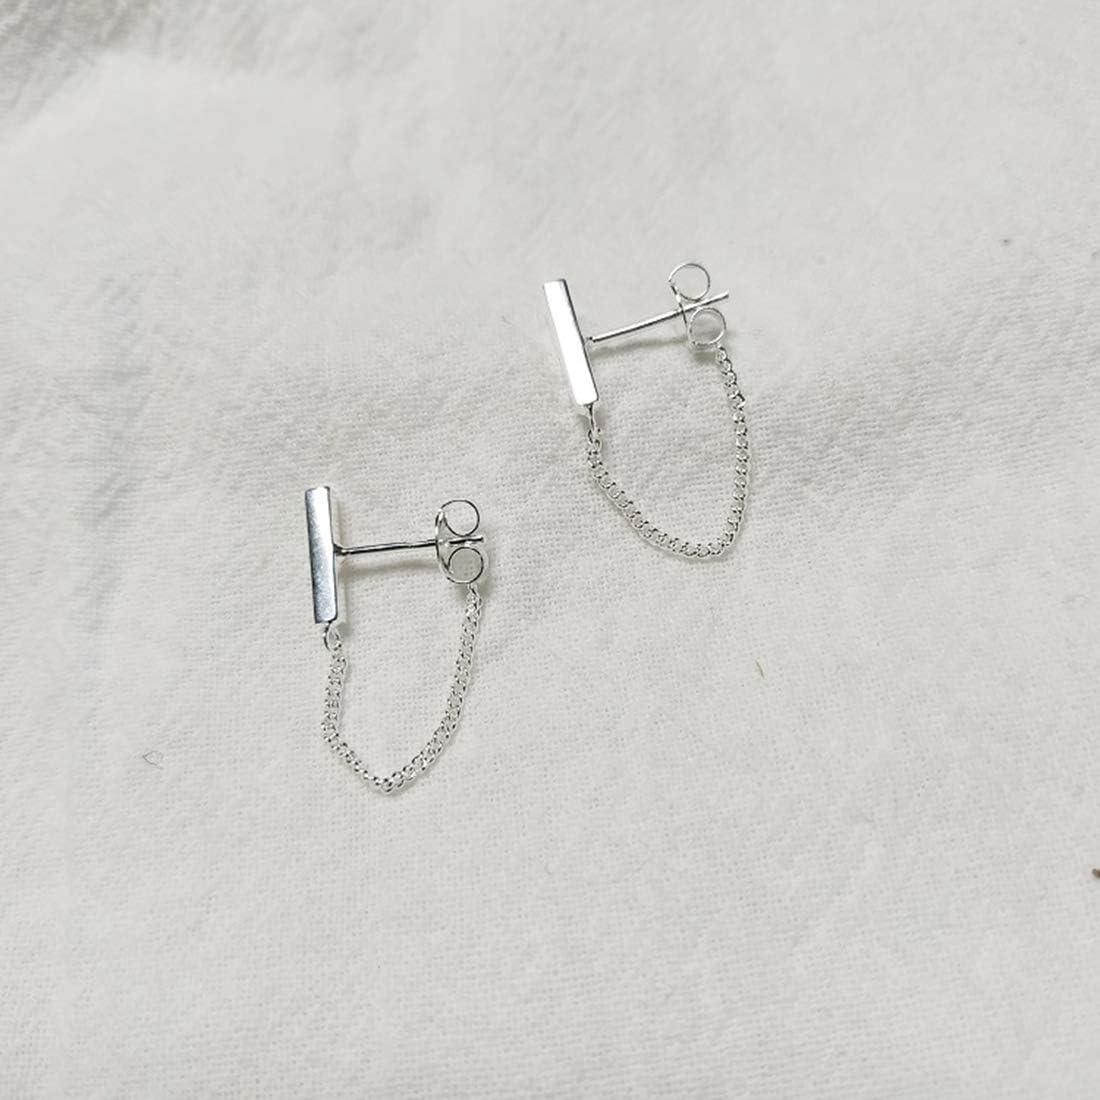 Reffeer Bar Studs Earrings for Women Teen Girls Minimalist Bar Earring with Chain Dangle Earrings 925 Sterling Silver Stud Earrings